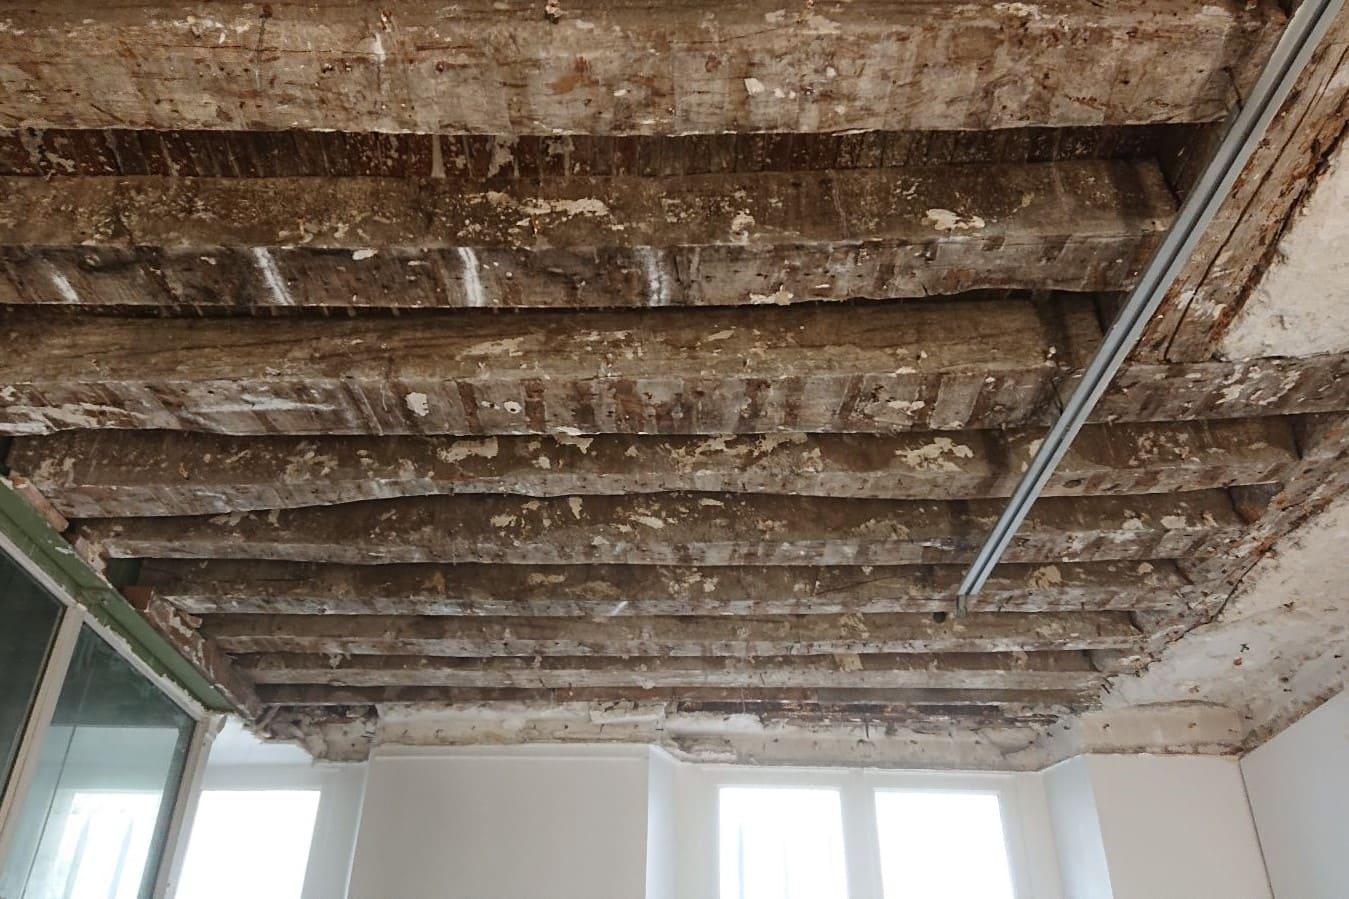 Renforcement des solives existantes du plancher entre le RDC et R+1 par structure métallique à Mougins. - Reprise de plancher